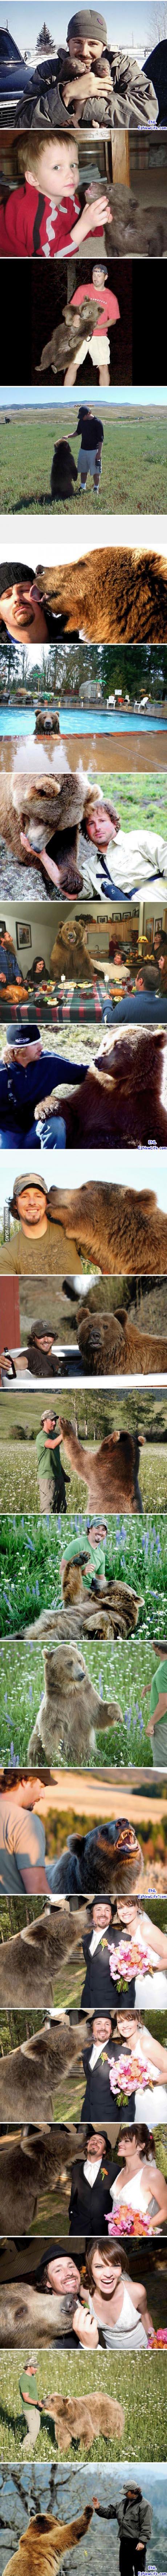 男人在野外發現了失去母熊的垂危幼熊,毅然決定將一輩子養育這隻幼熊…-0